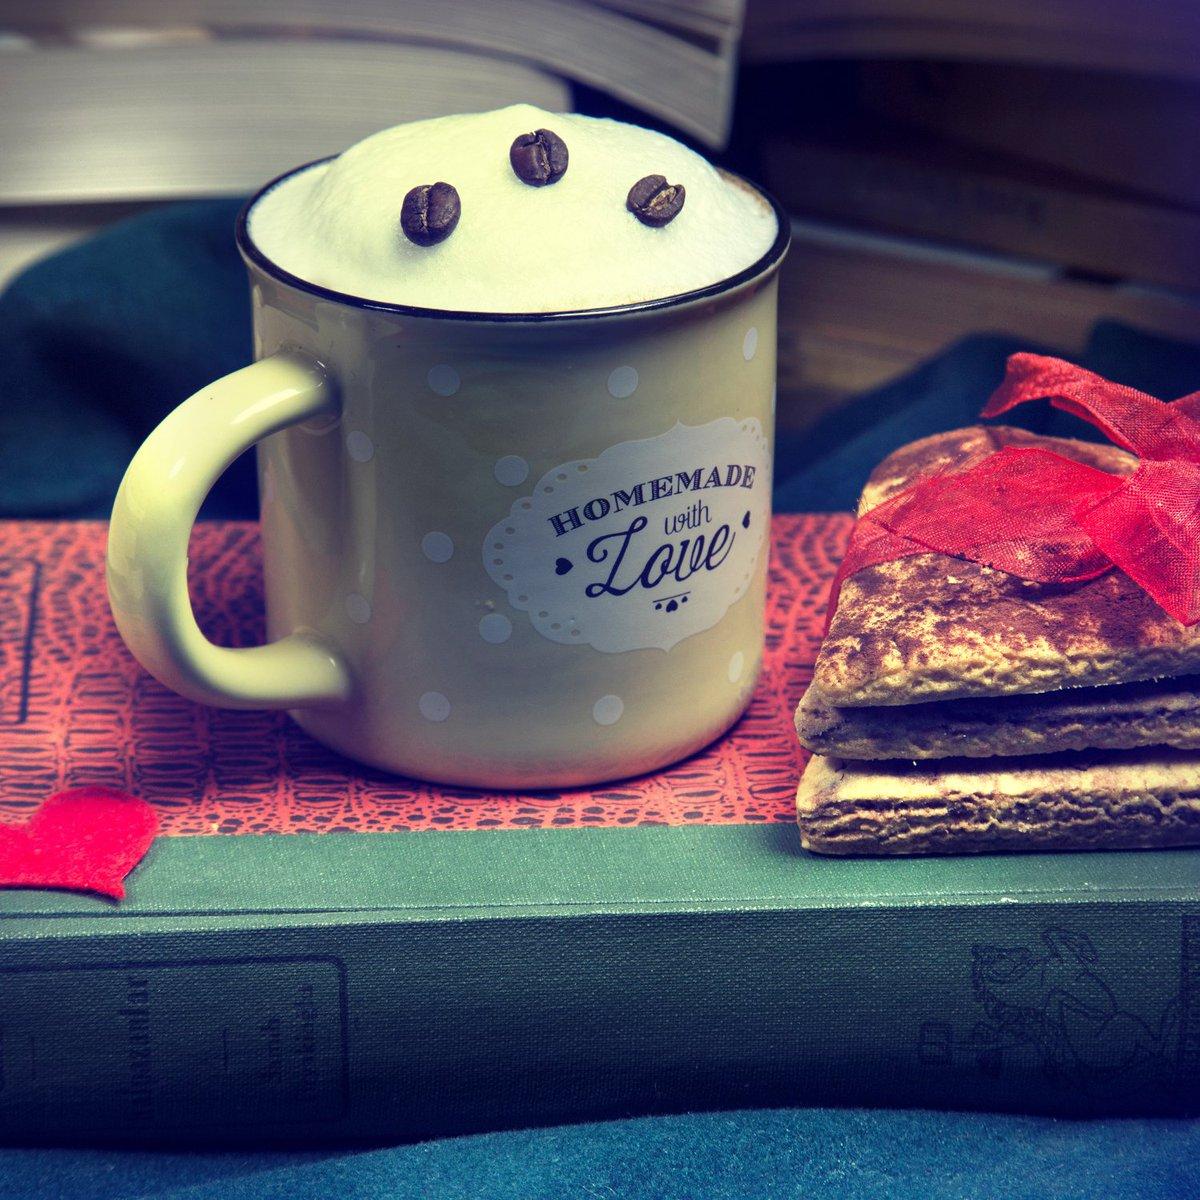 Kahve kokulu Pazartesi😉😍Bekleriz❤ #sanatevim #sanattayiz #kahvearasi #Coffee https://t.co/pXvLHDyCqk